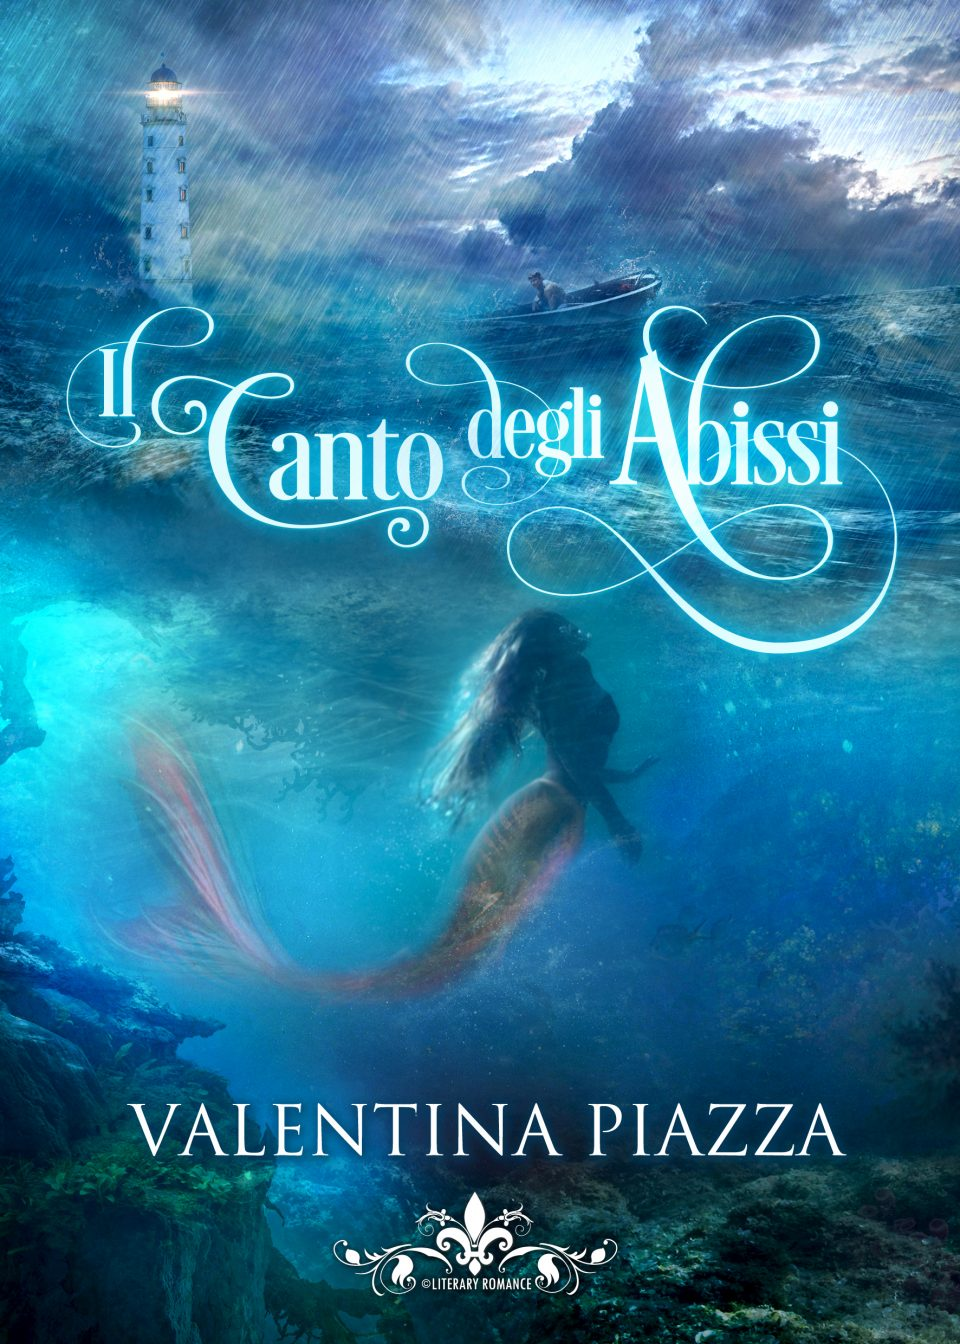 Il canto degli abissi, Valentina Piazza